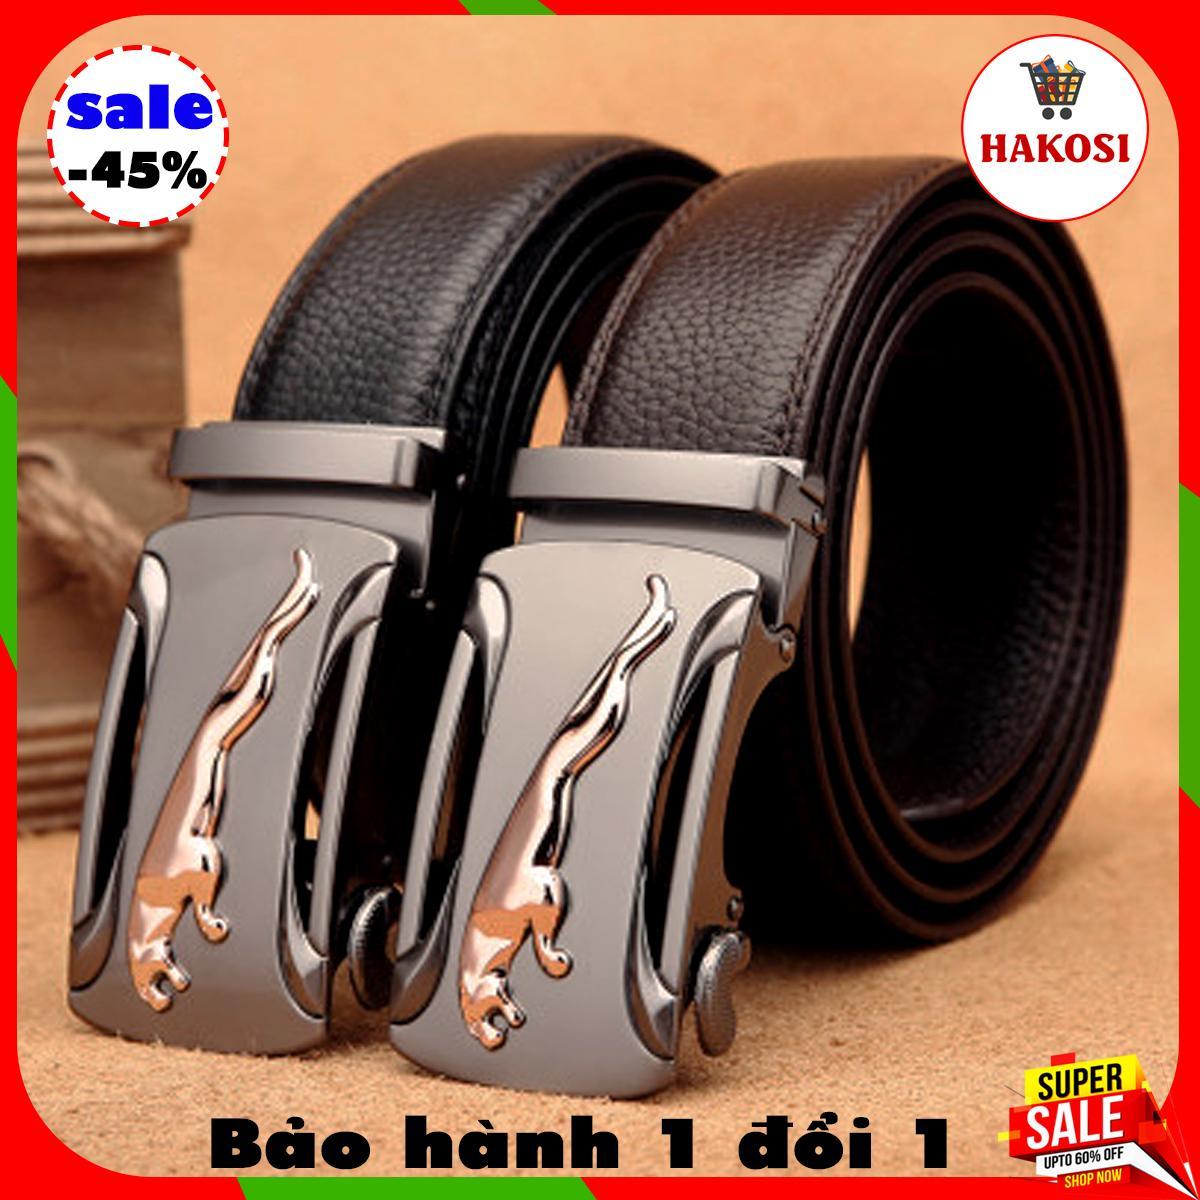 Thắt lưng nam da bò - dây nịt nam da bò tích hợp khóa tự động sang trọng đẳng cấp, thắt lưng da nam - TL01 Nhật Bản